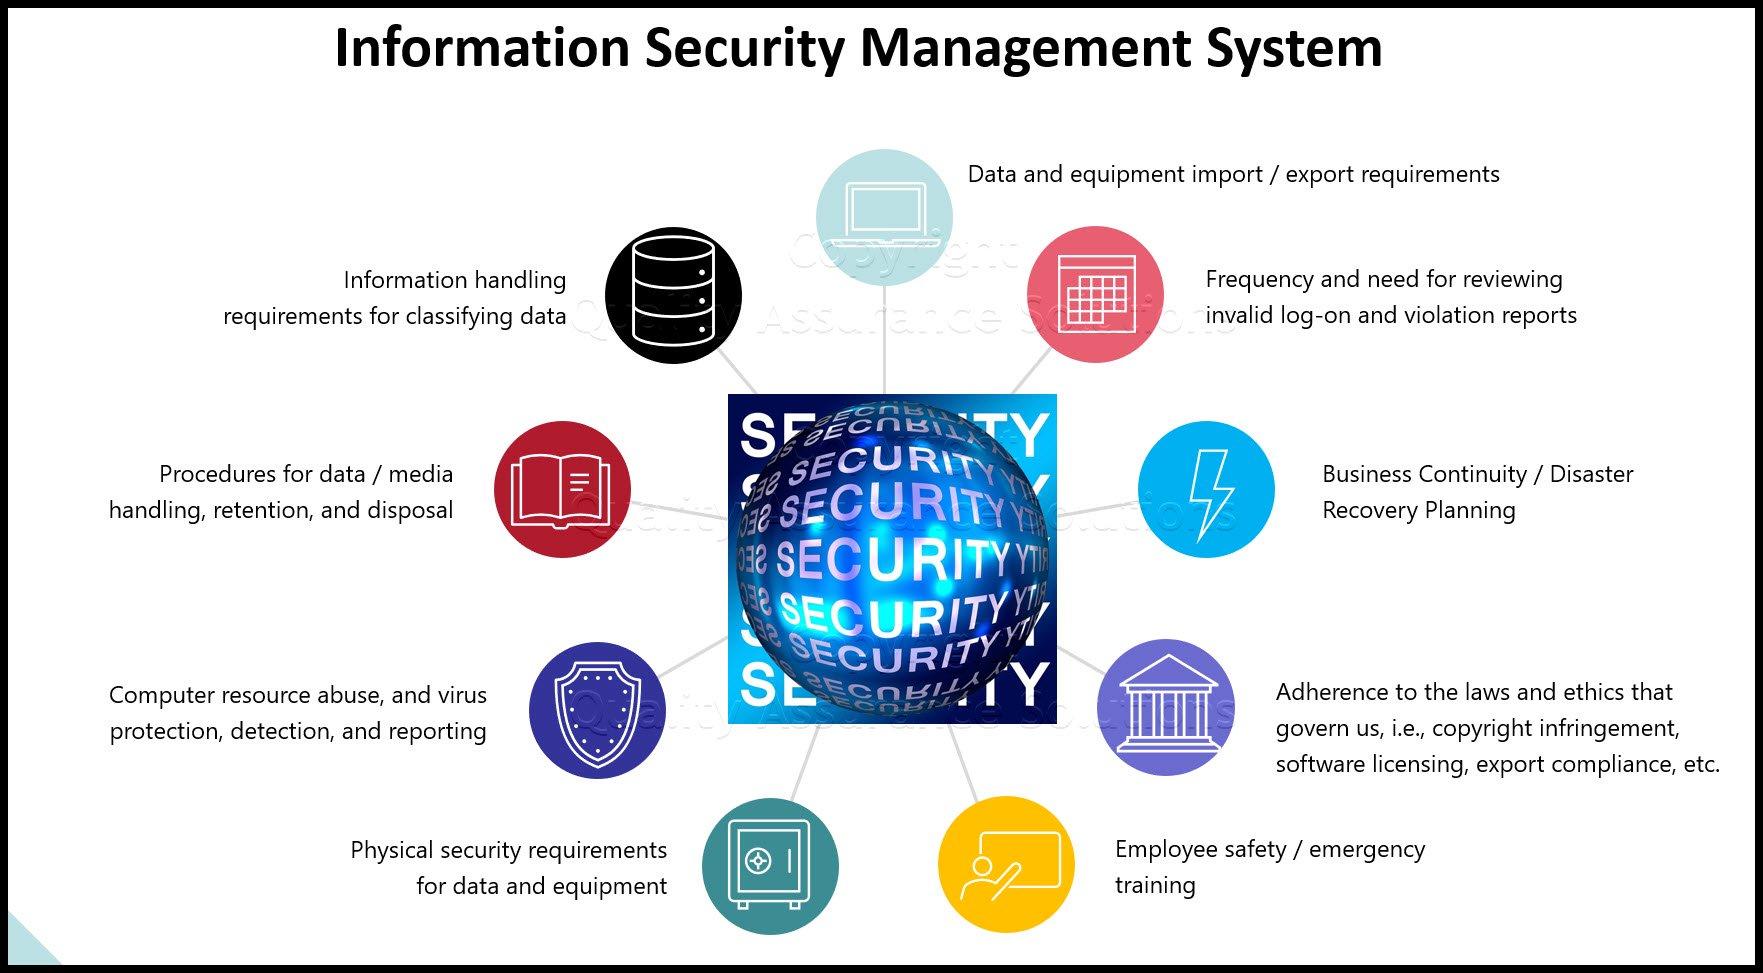 information security management system business slide